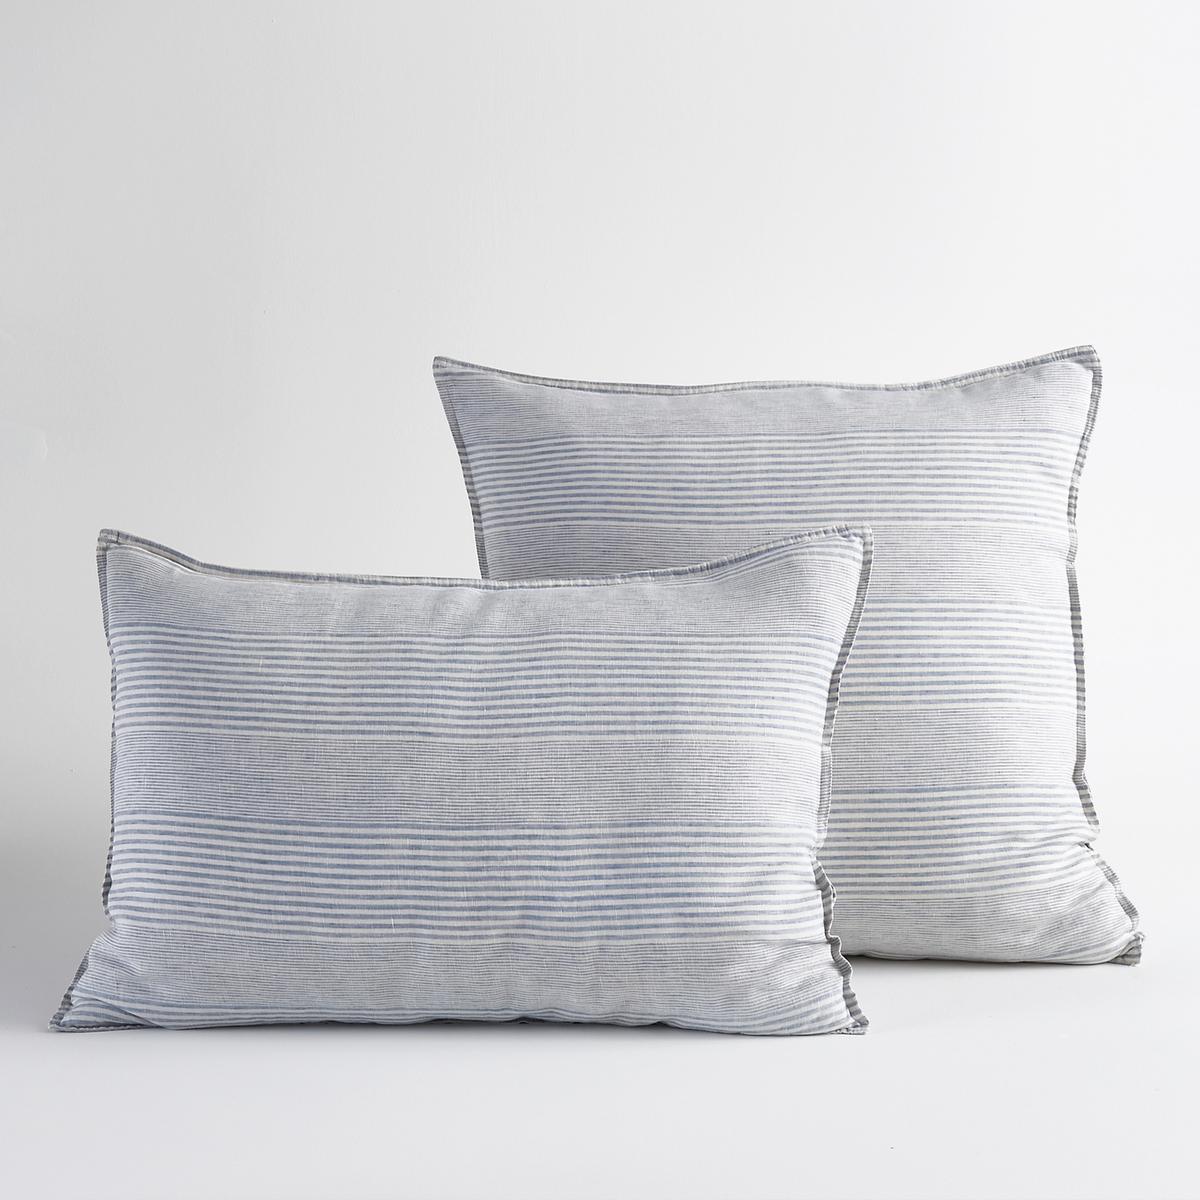 Наволочка 100% лен, AudisioНаволочка из льна Audisio. Красивое сочетание широких и тонких полосок из окрашенной ткани и мягкость льна . Уникальное сочетание аутентичности, комфорта и элегантности, легкий лен дарит прохладу летом и комфорт зимой  ..Материал :- Чистый лен.Отделка :- Форма мешкаУход :- Стирка при 40°.Размер  :50 x 70  : прямоугольная65 х 65 : квадратная<br><br>Цвет: белый/ синий